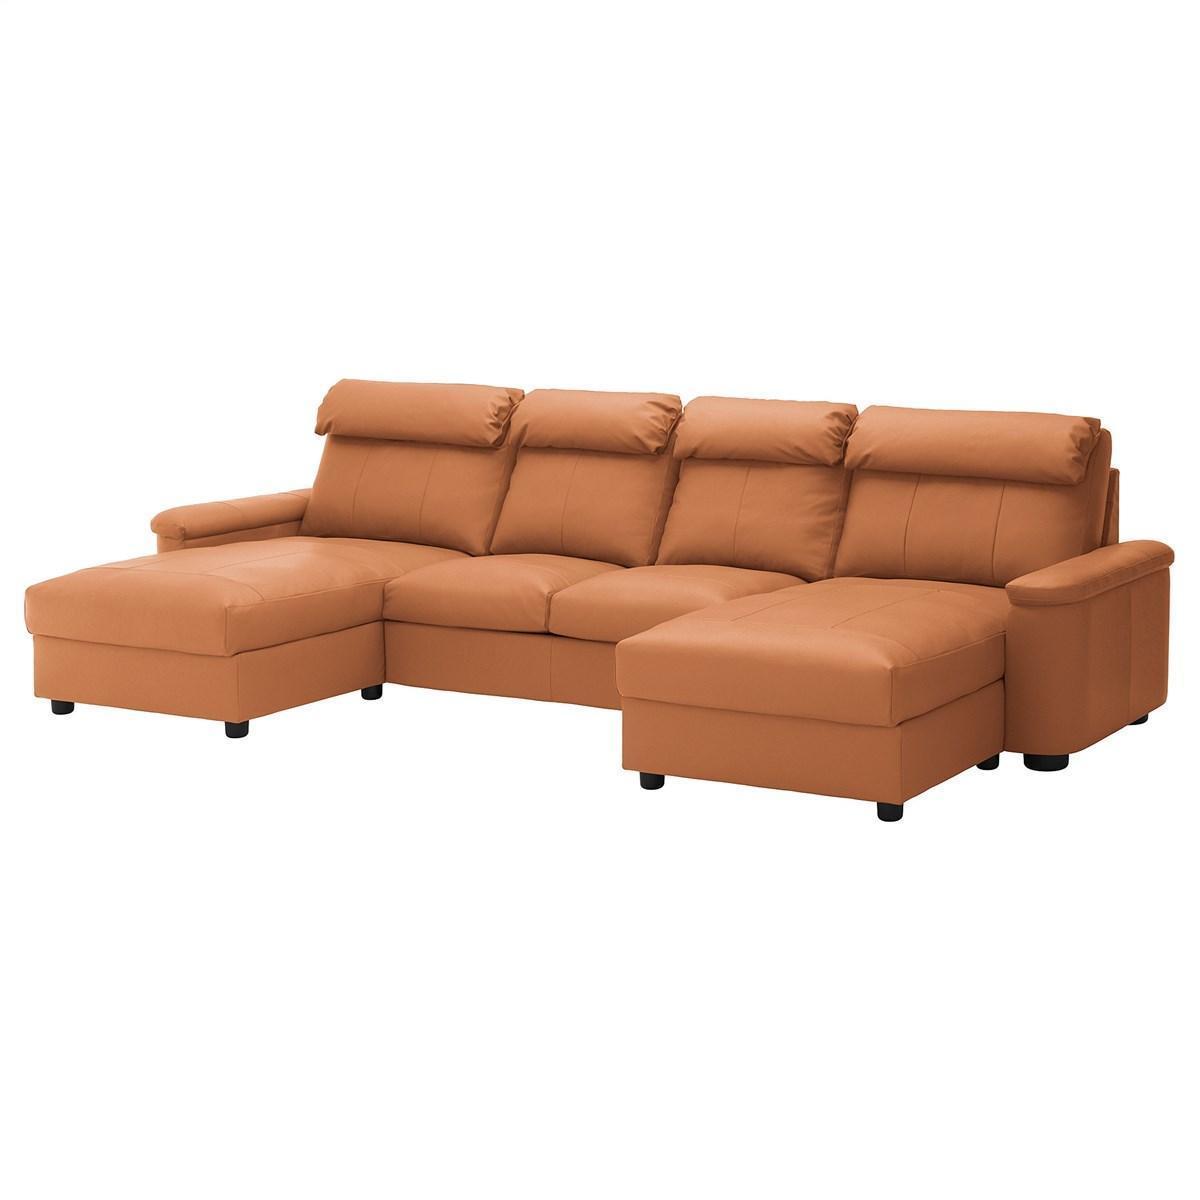 IKEA, LIDHULT, 4-местный диван, с шезлонгом, золотисто-коричневый (492.573.53) 49257353 ЛИДХУЛТ ИКЕА